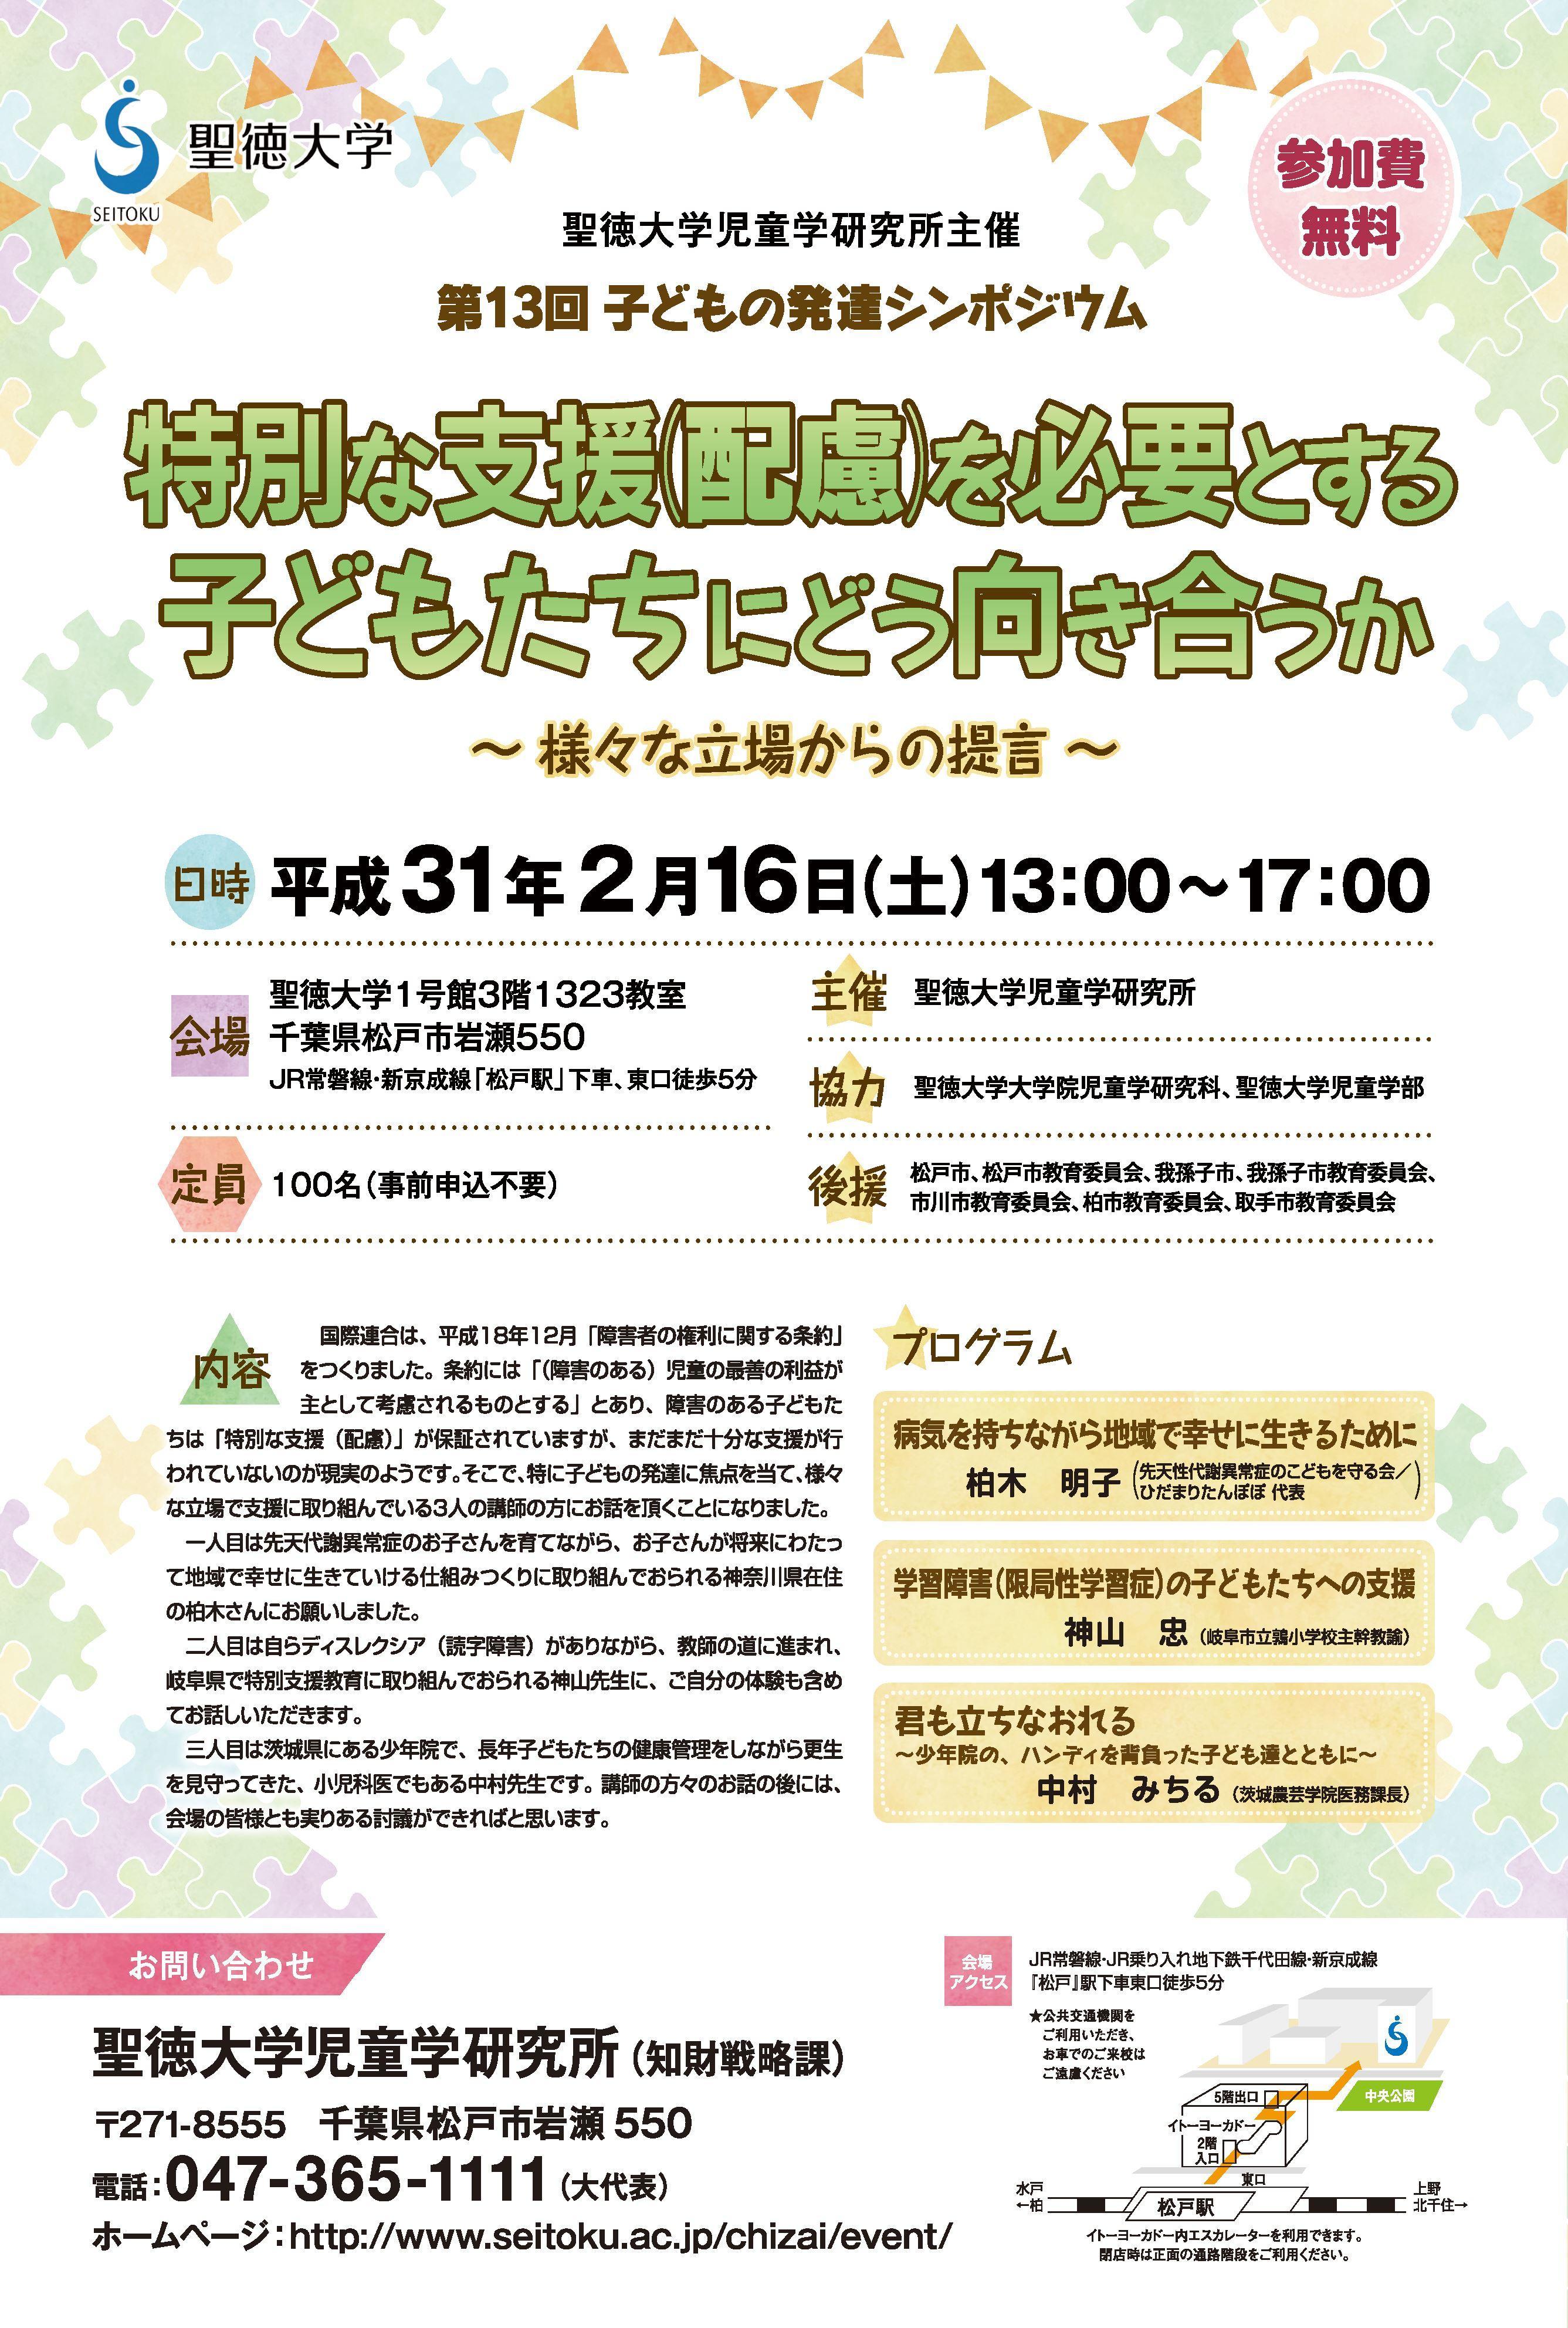 聖徳大学が2月16日に「第13回子どもの発達シンポジウム」を開催 -- 特別な支援(配慮)を必要とする子どもたちにどう向き合うか、さまざまな立場からの提言